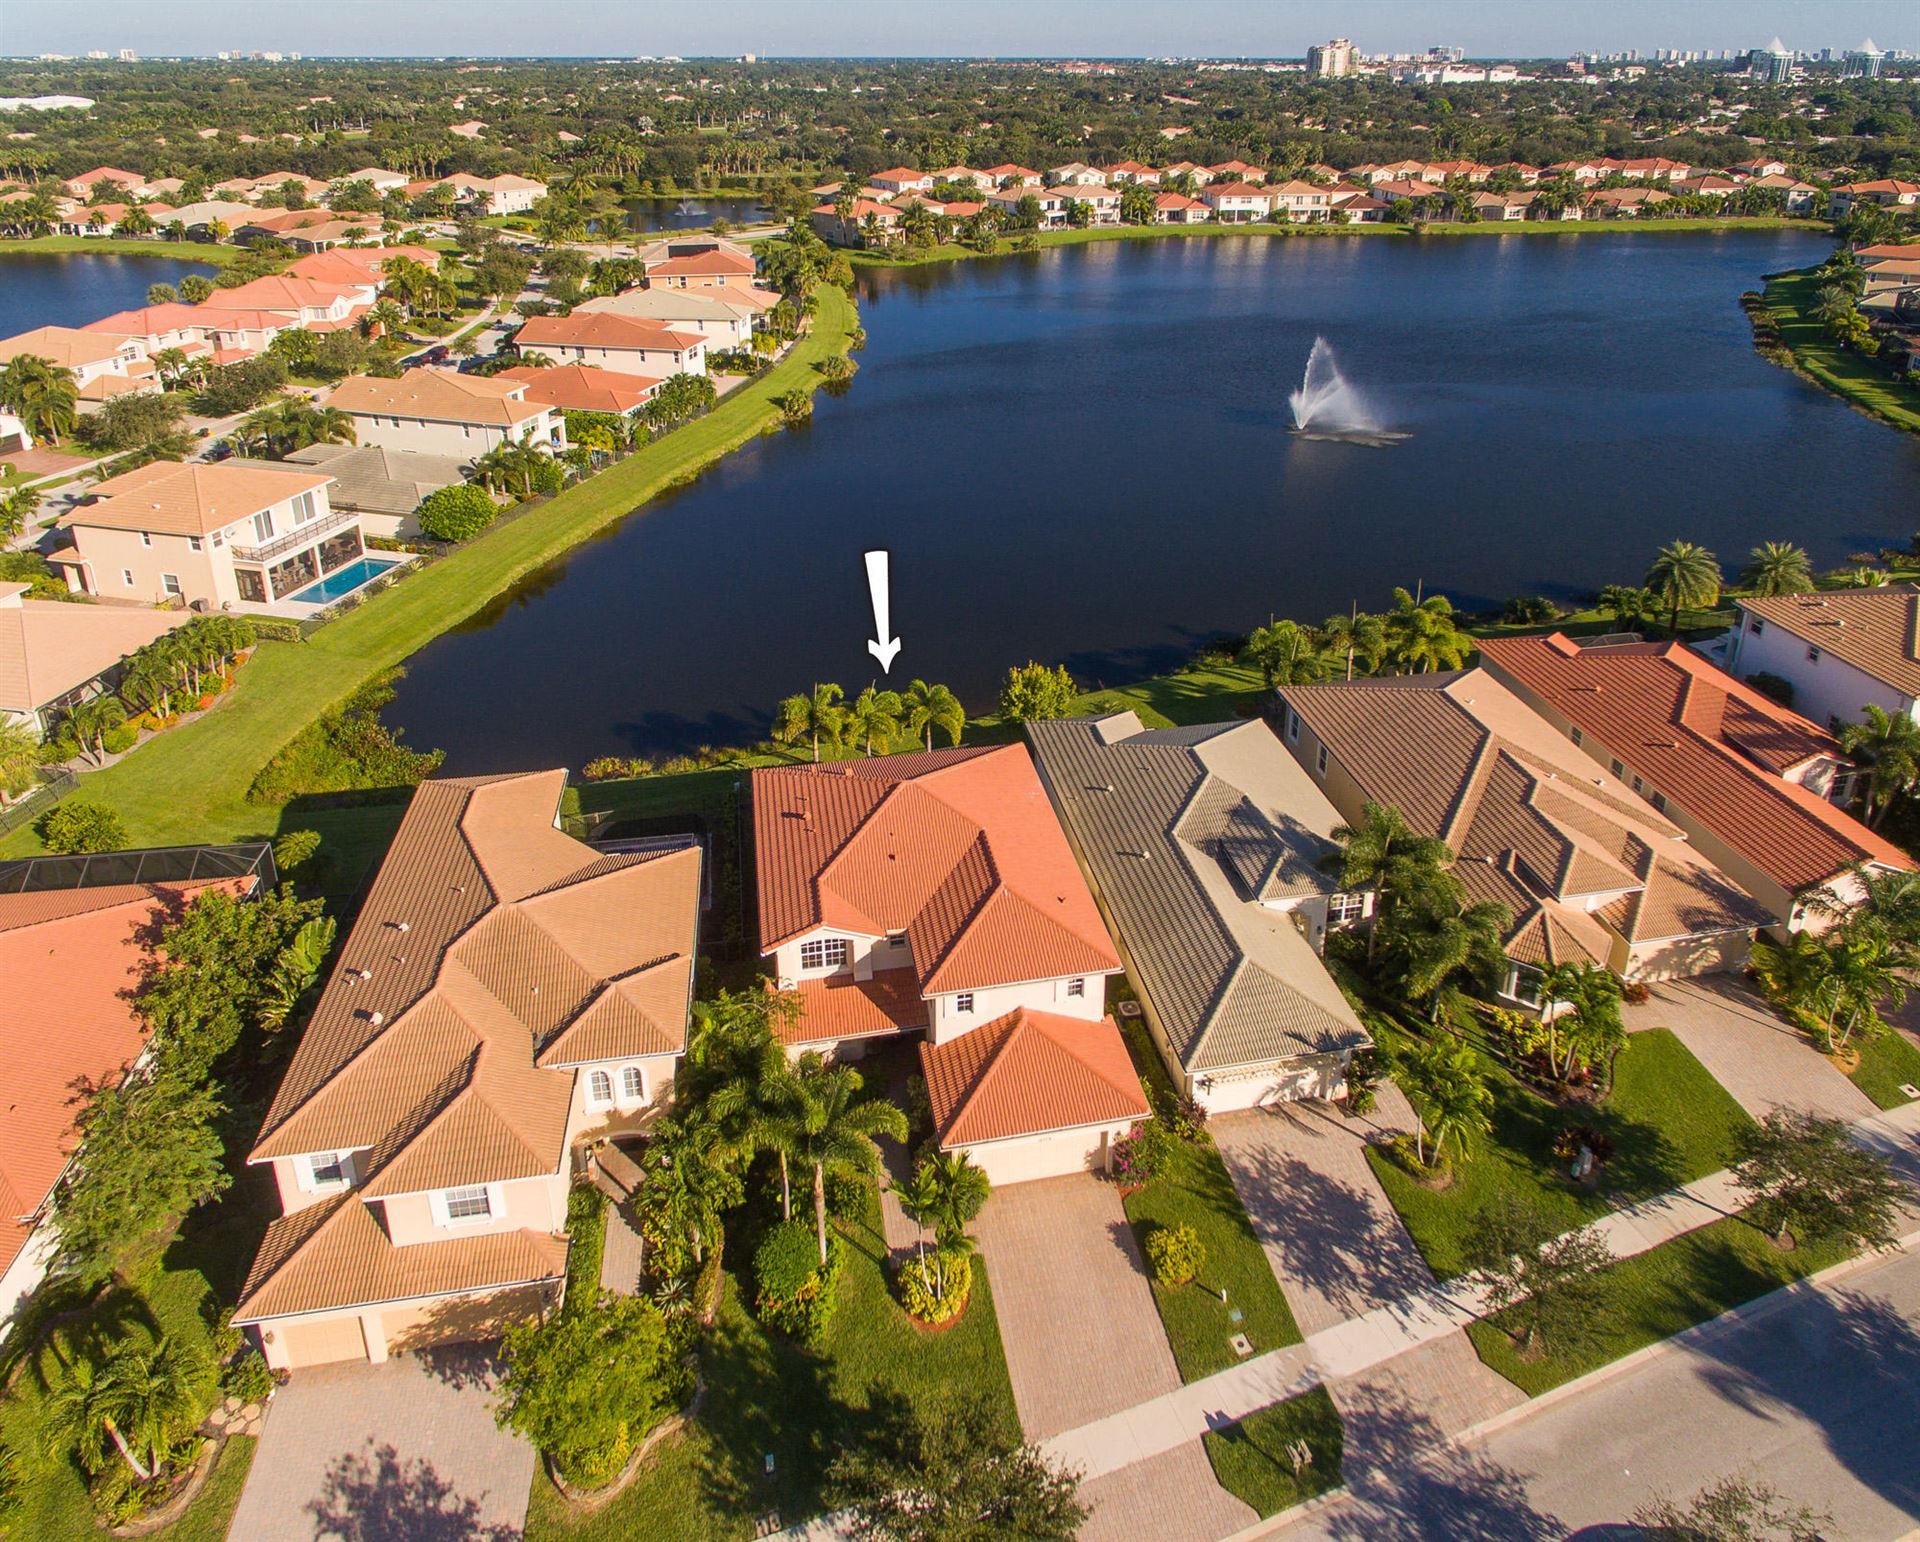 12304 Aviles Circle, Palm Beach Gardens, FL 33418 - #: RX-10577331